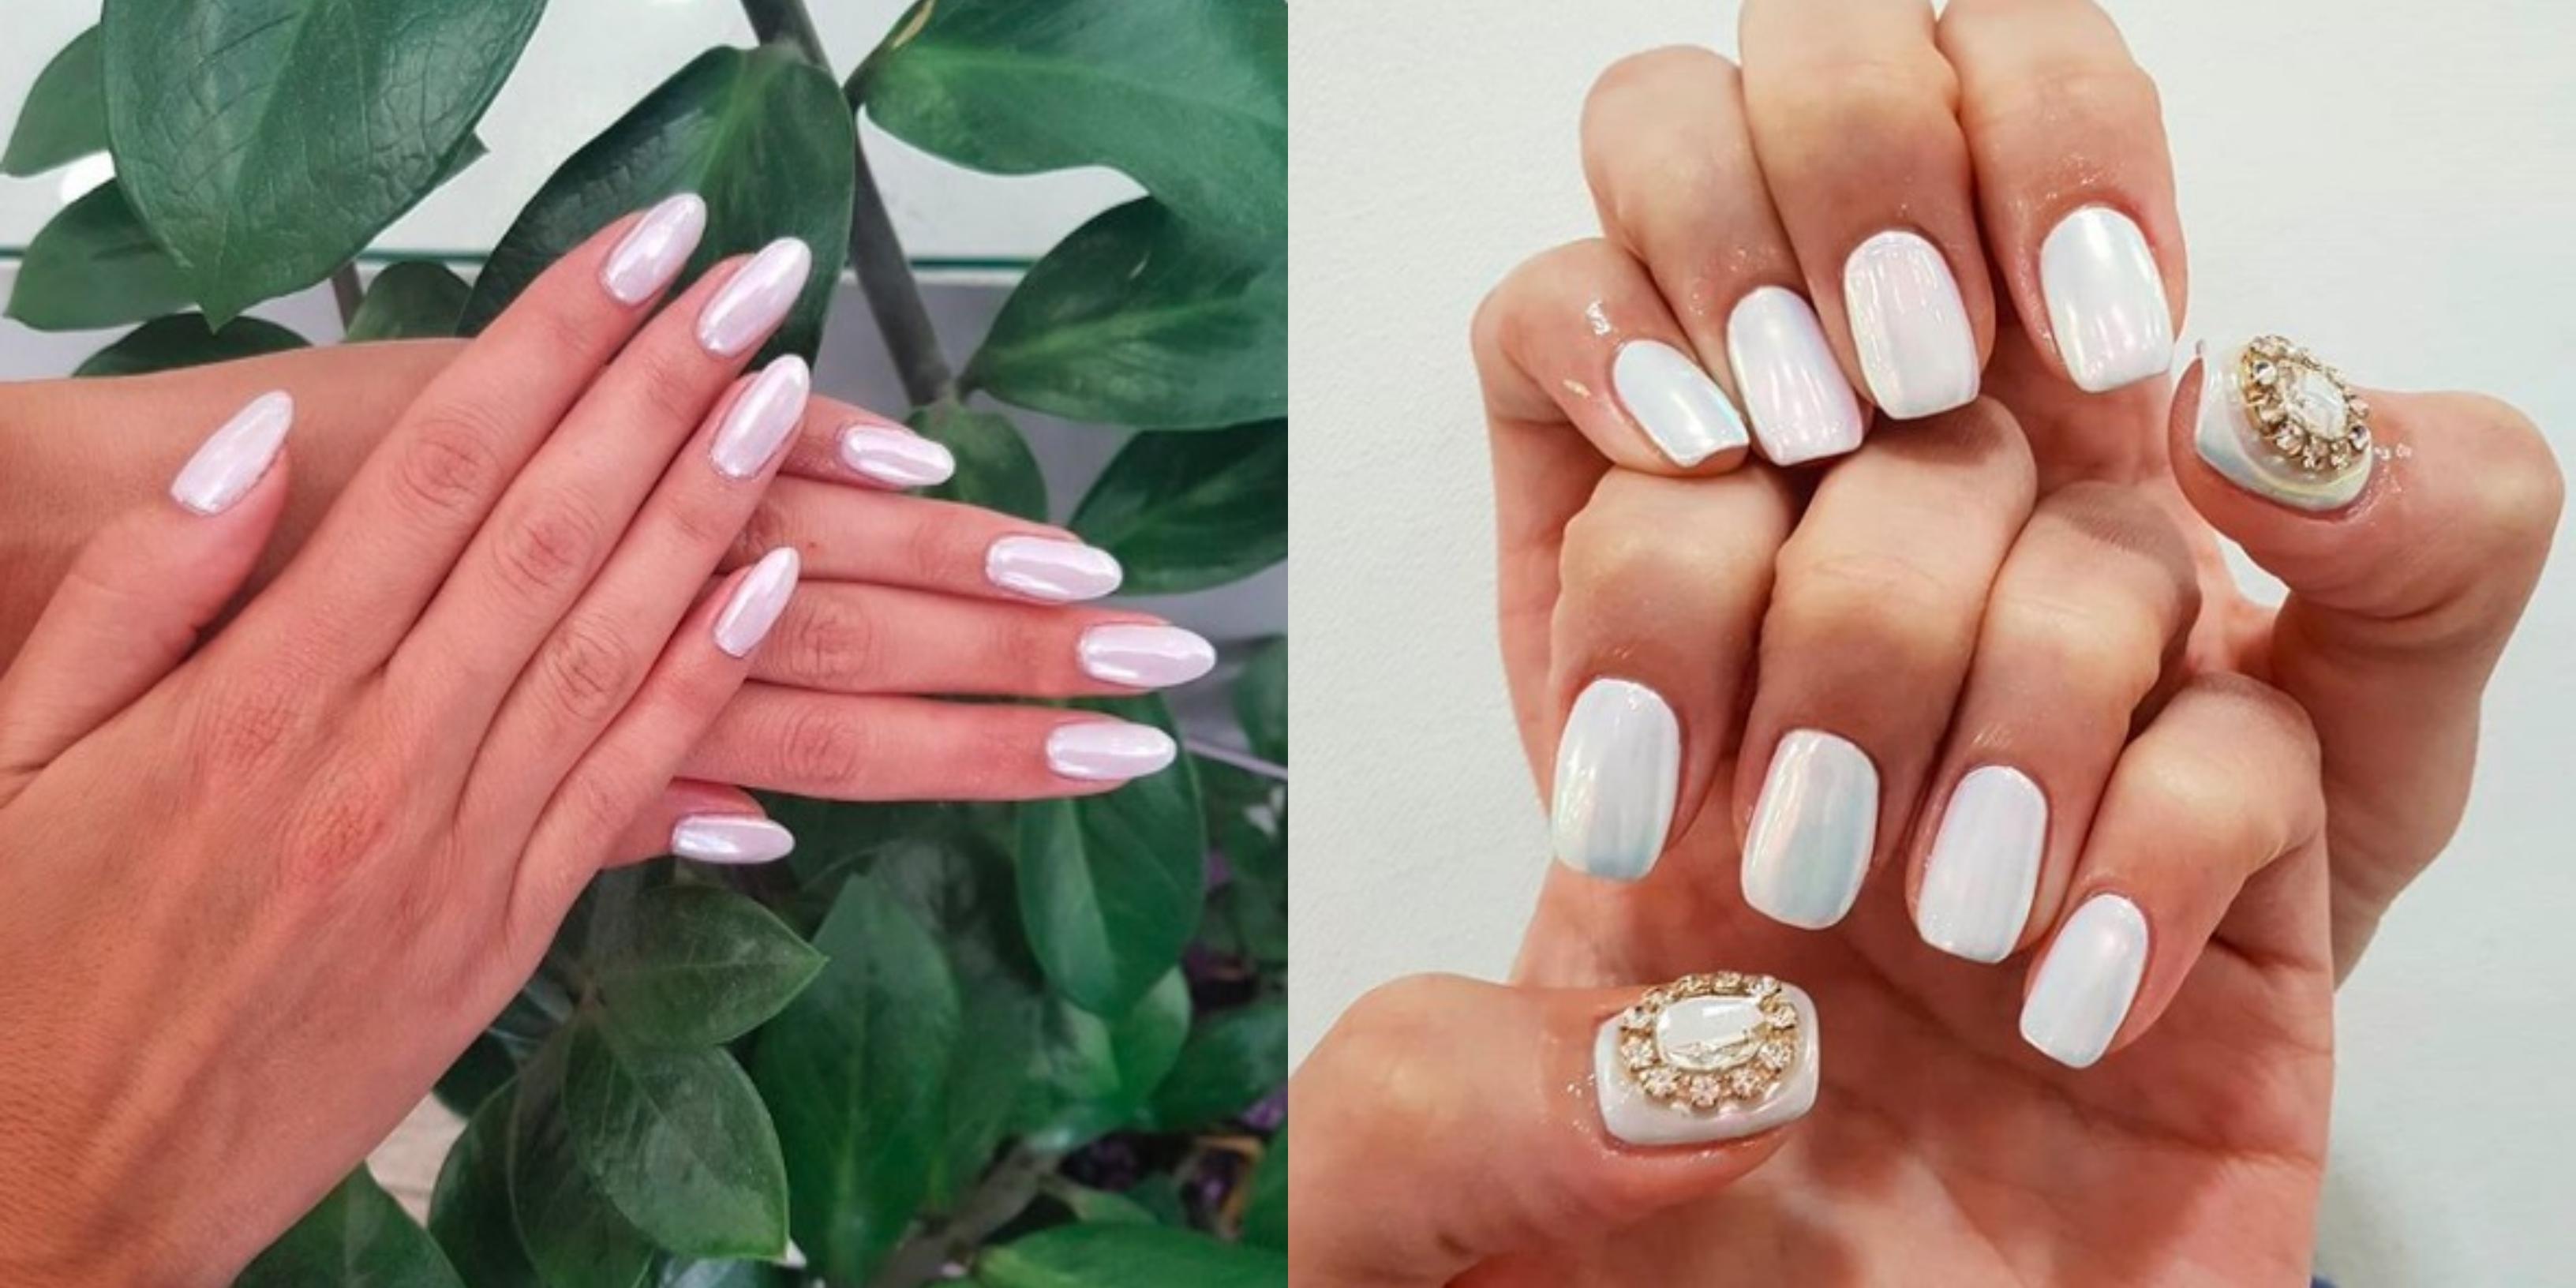 Modne Paznokcie 2019 Pearl Nails Trend W Manicure Ktory